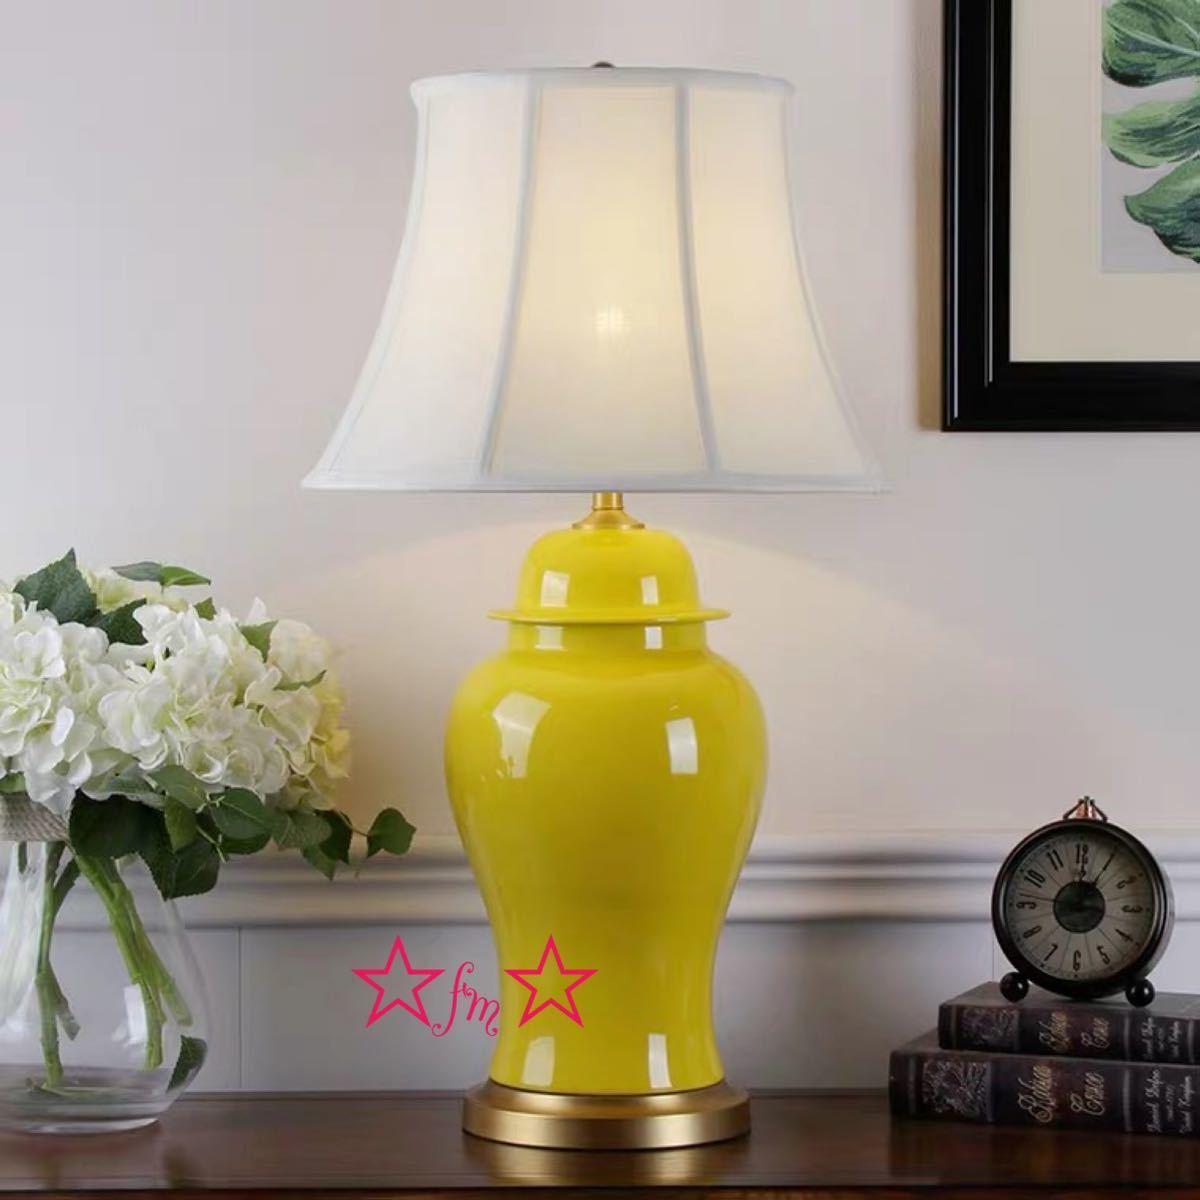 最初の  照明スタンドライト テーブルランプ デスクライト. 高級陶器卓上ステンド 高さ64cm, 仏壇 仏具 数珠 極楽堂 13da6df2